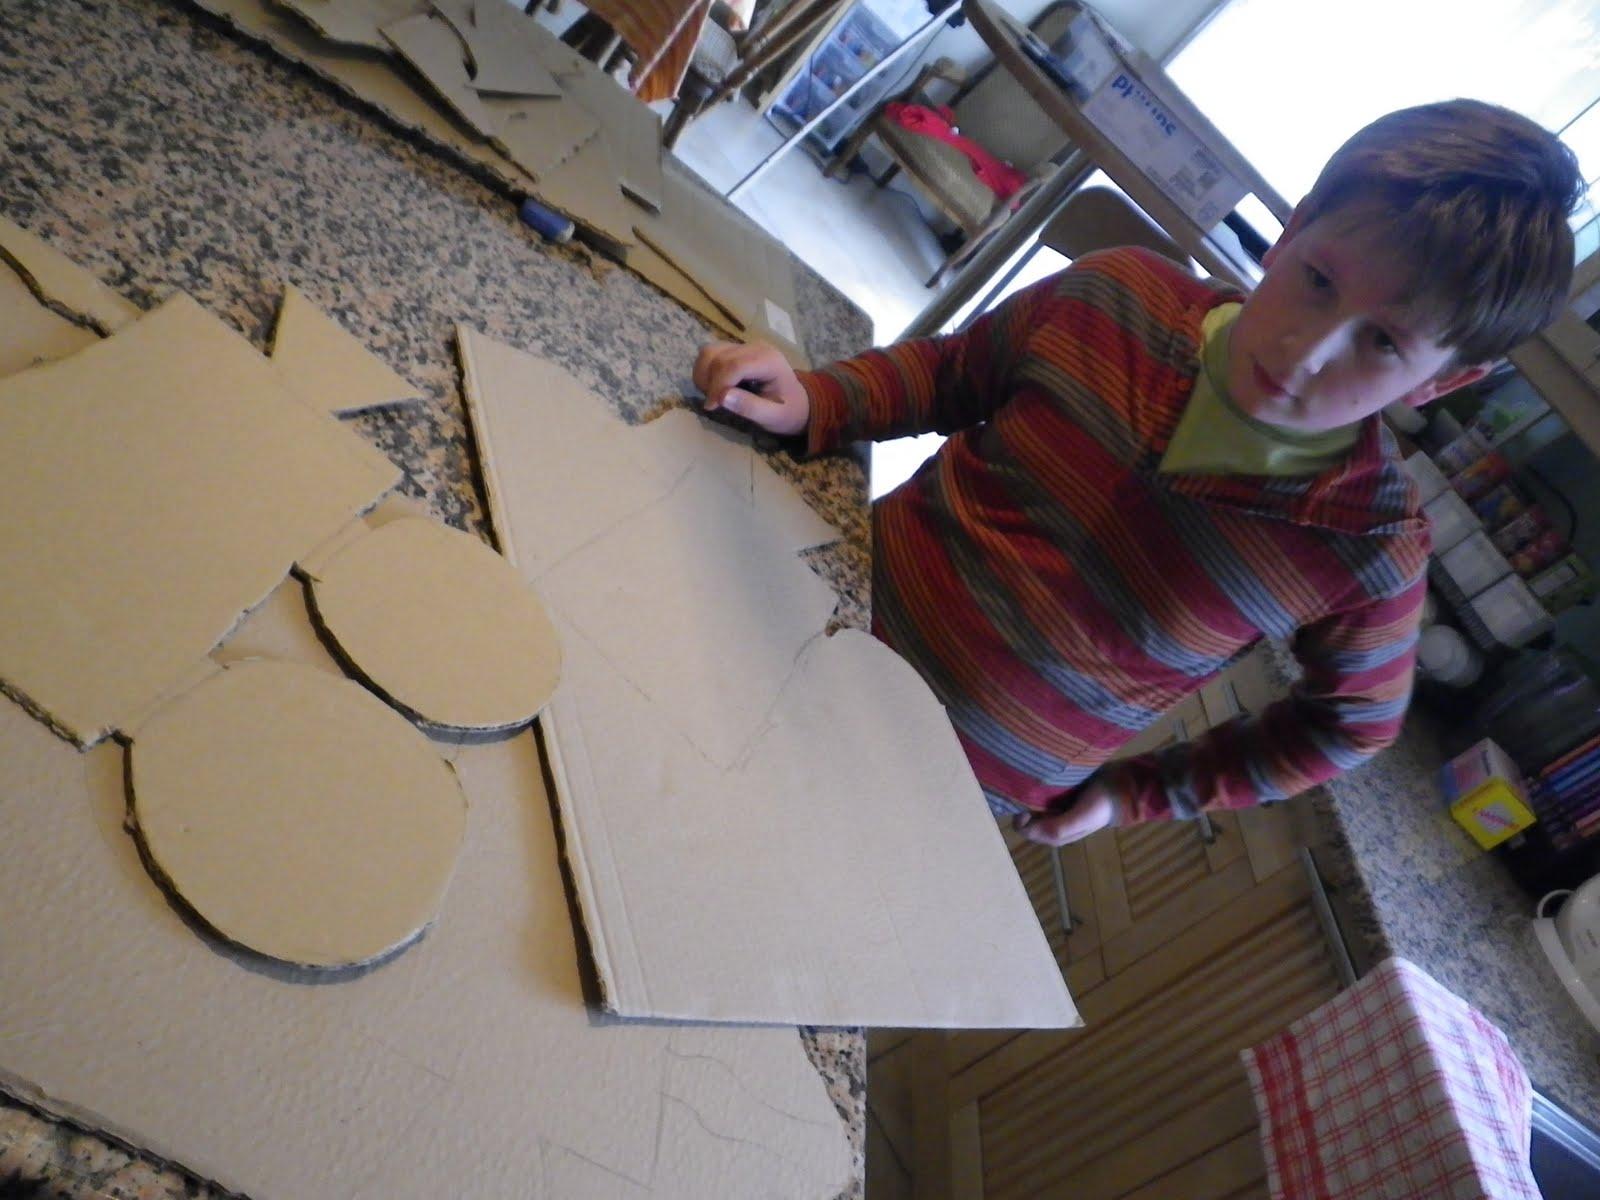 Fabriquer une camera en carton atelier retouche paris - Photos de meubles repeints ...